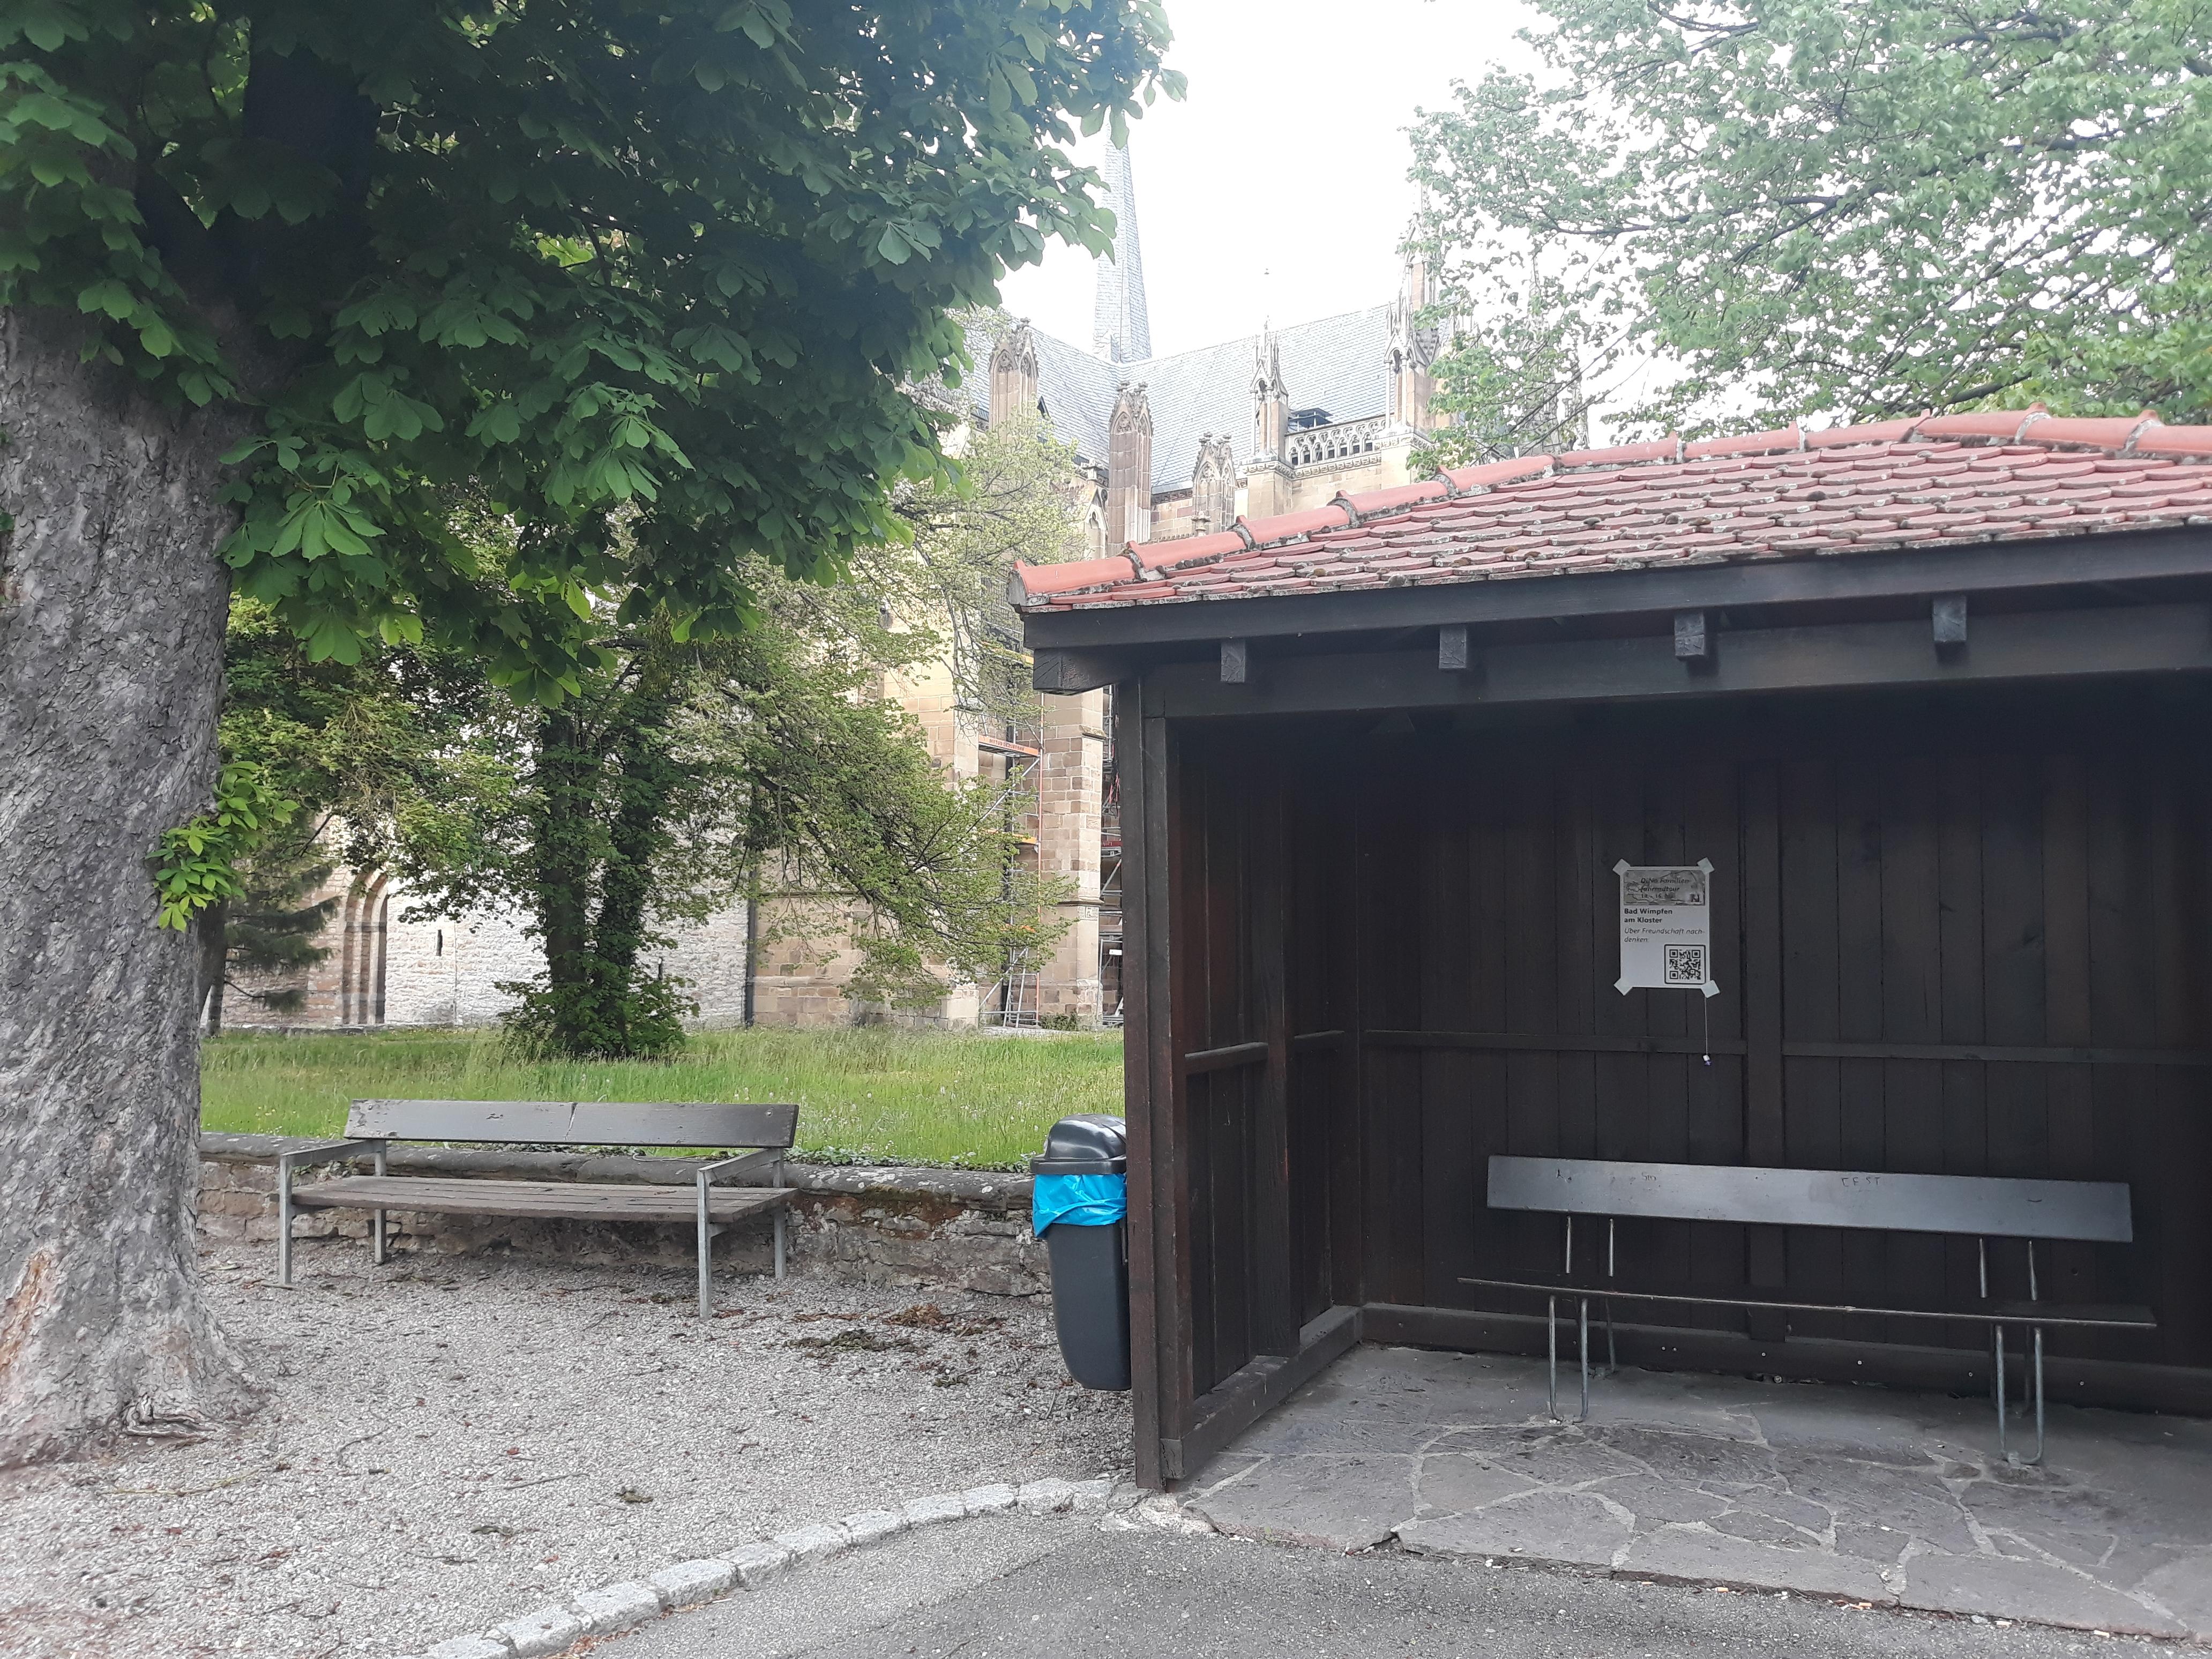 Bad-Wimpfen-Kloster-Haltestelle-Buergerbus